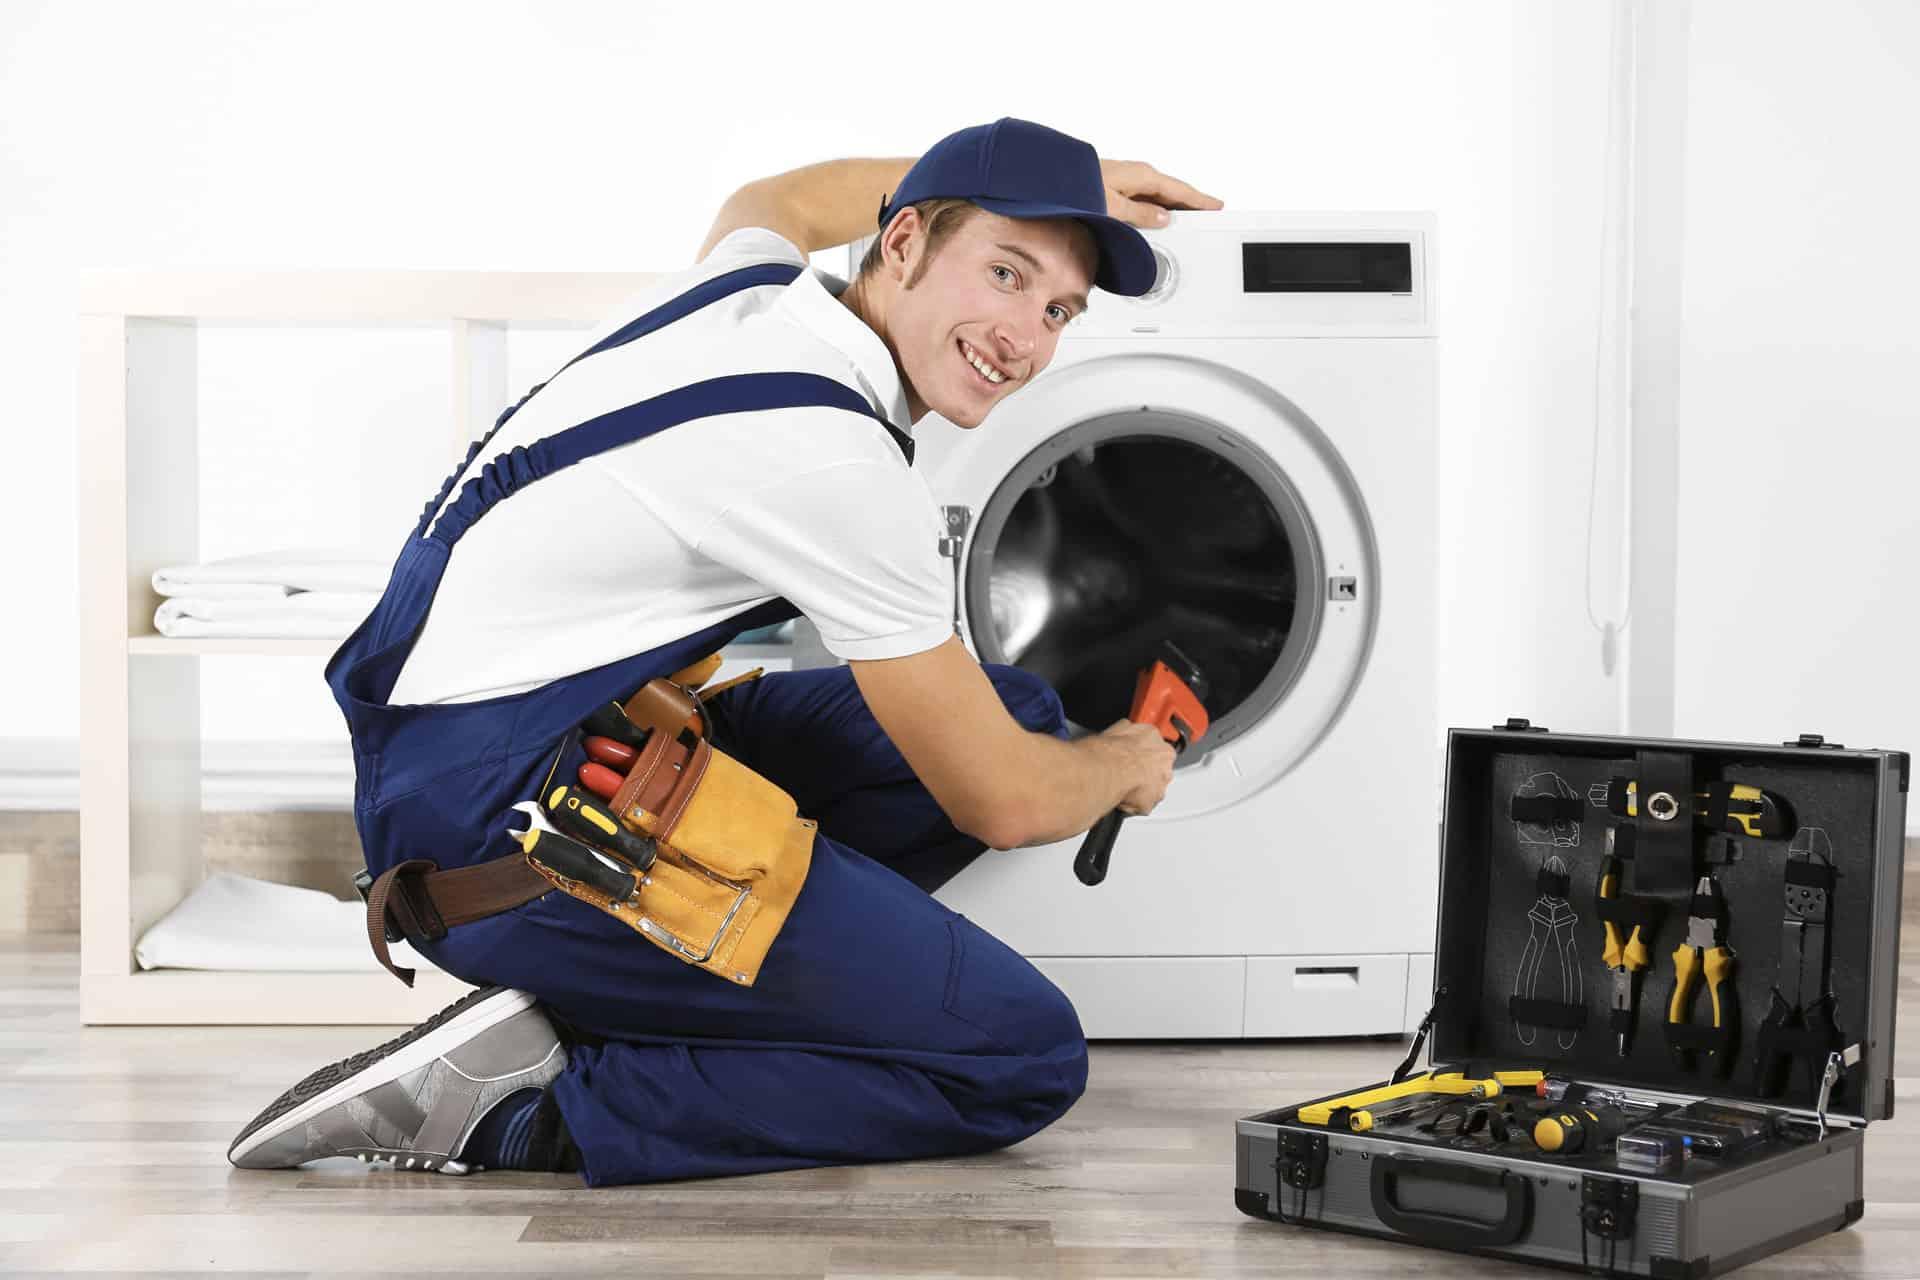 A smiling male mechanic fixing a washing machine